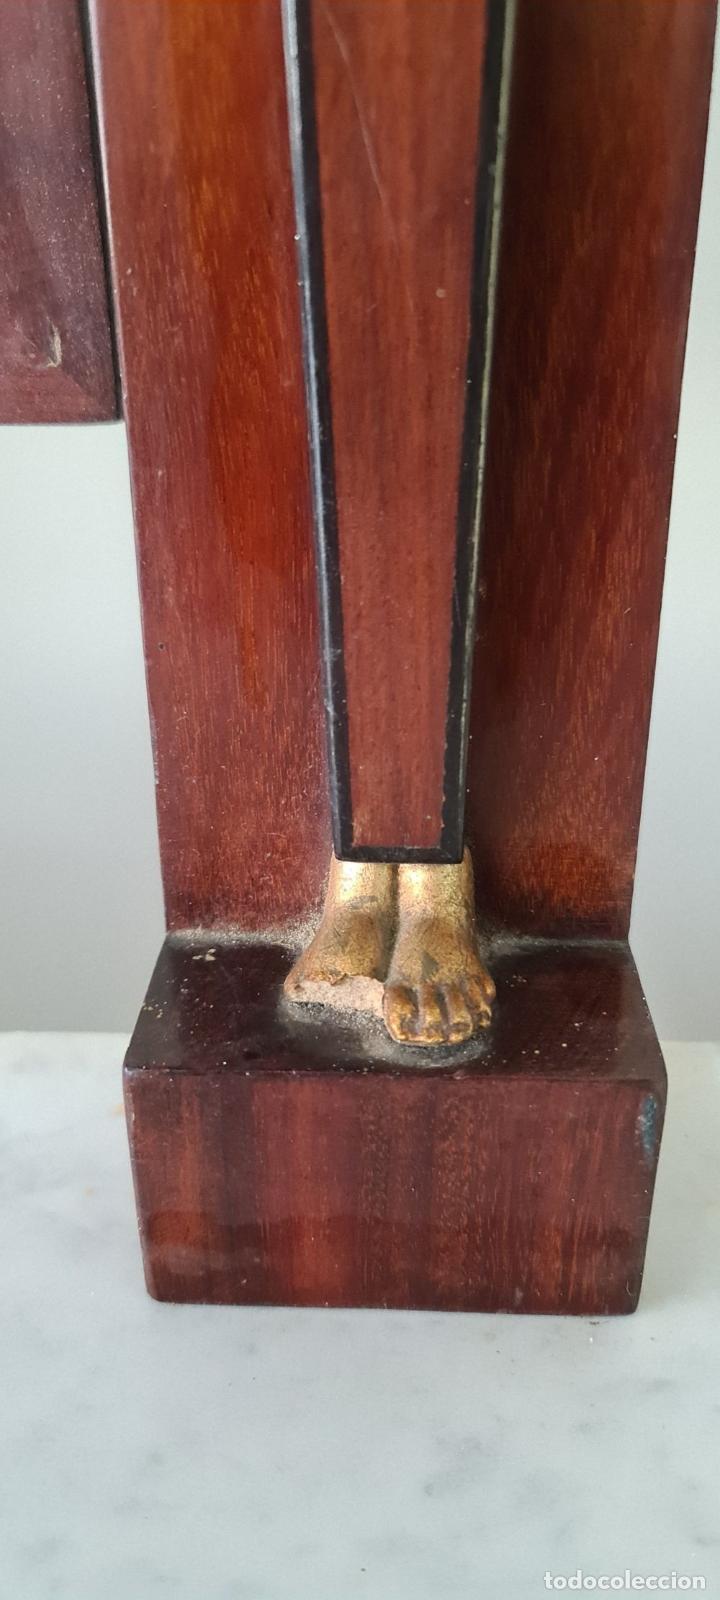 Antigüedades: COMODA TOCADOR. MADERA DE CAOBA Y DORADOS. ESTILO DIRECTORIO. SOBRE DE MÁRMOL. SIGLO XVIII-XIX. - Foto 3 - 238726050